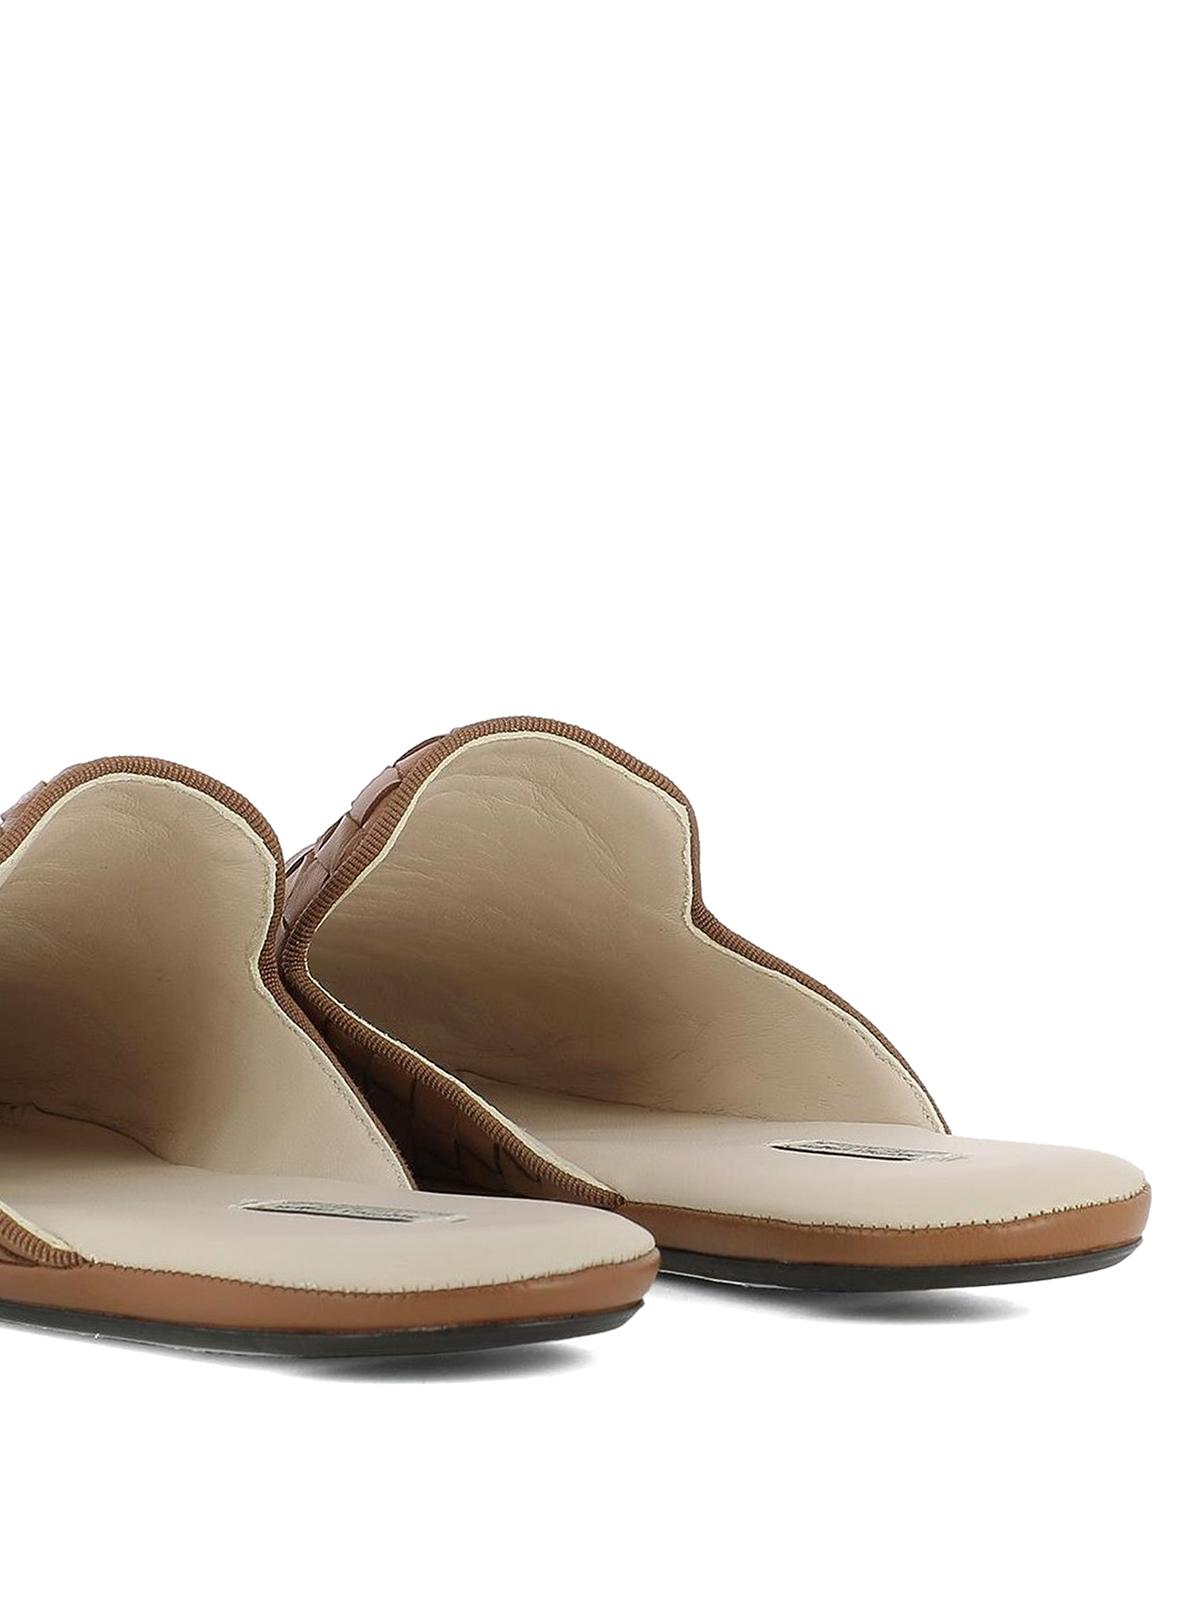 5116b26d4898 Bottega Veneta - Fiandra light brown slippers - mules shoes ...